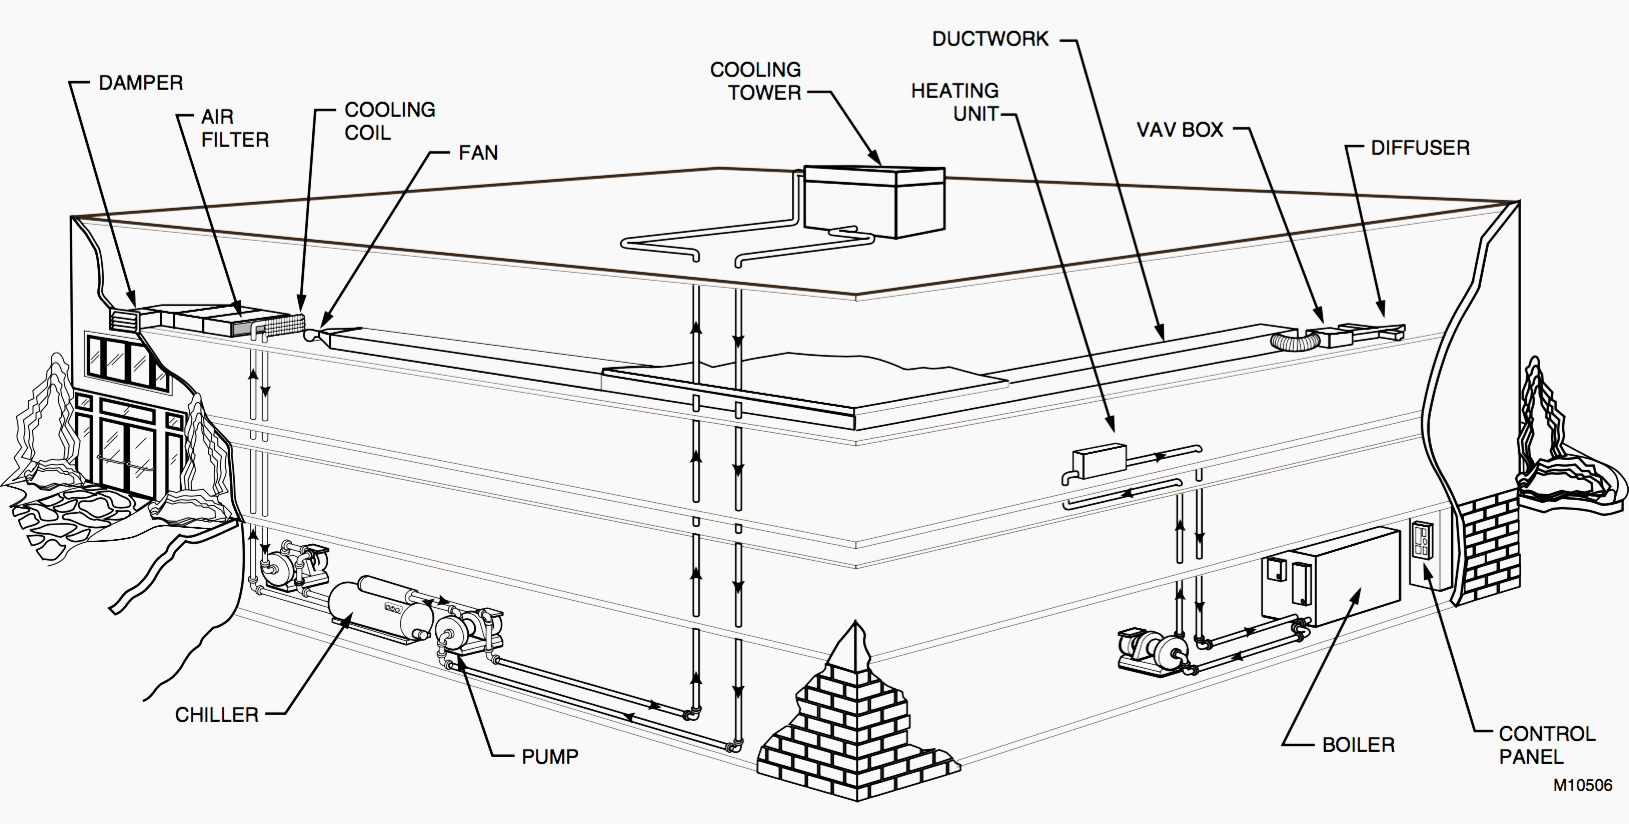 Water Conversion Charts And Formulas